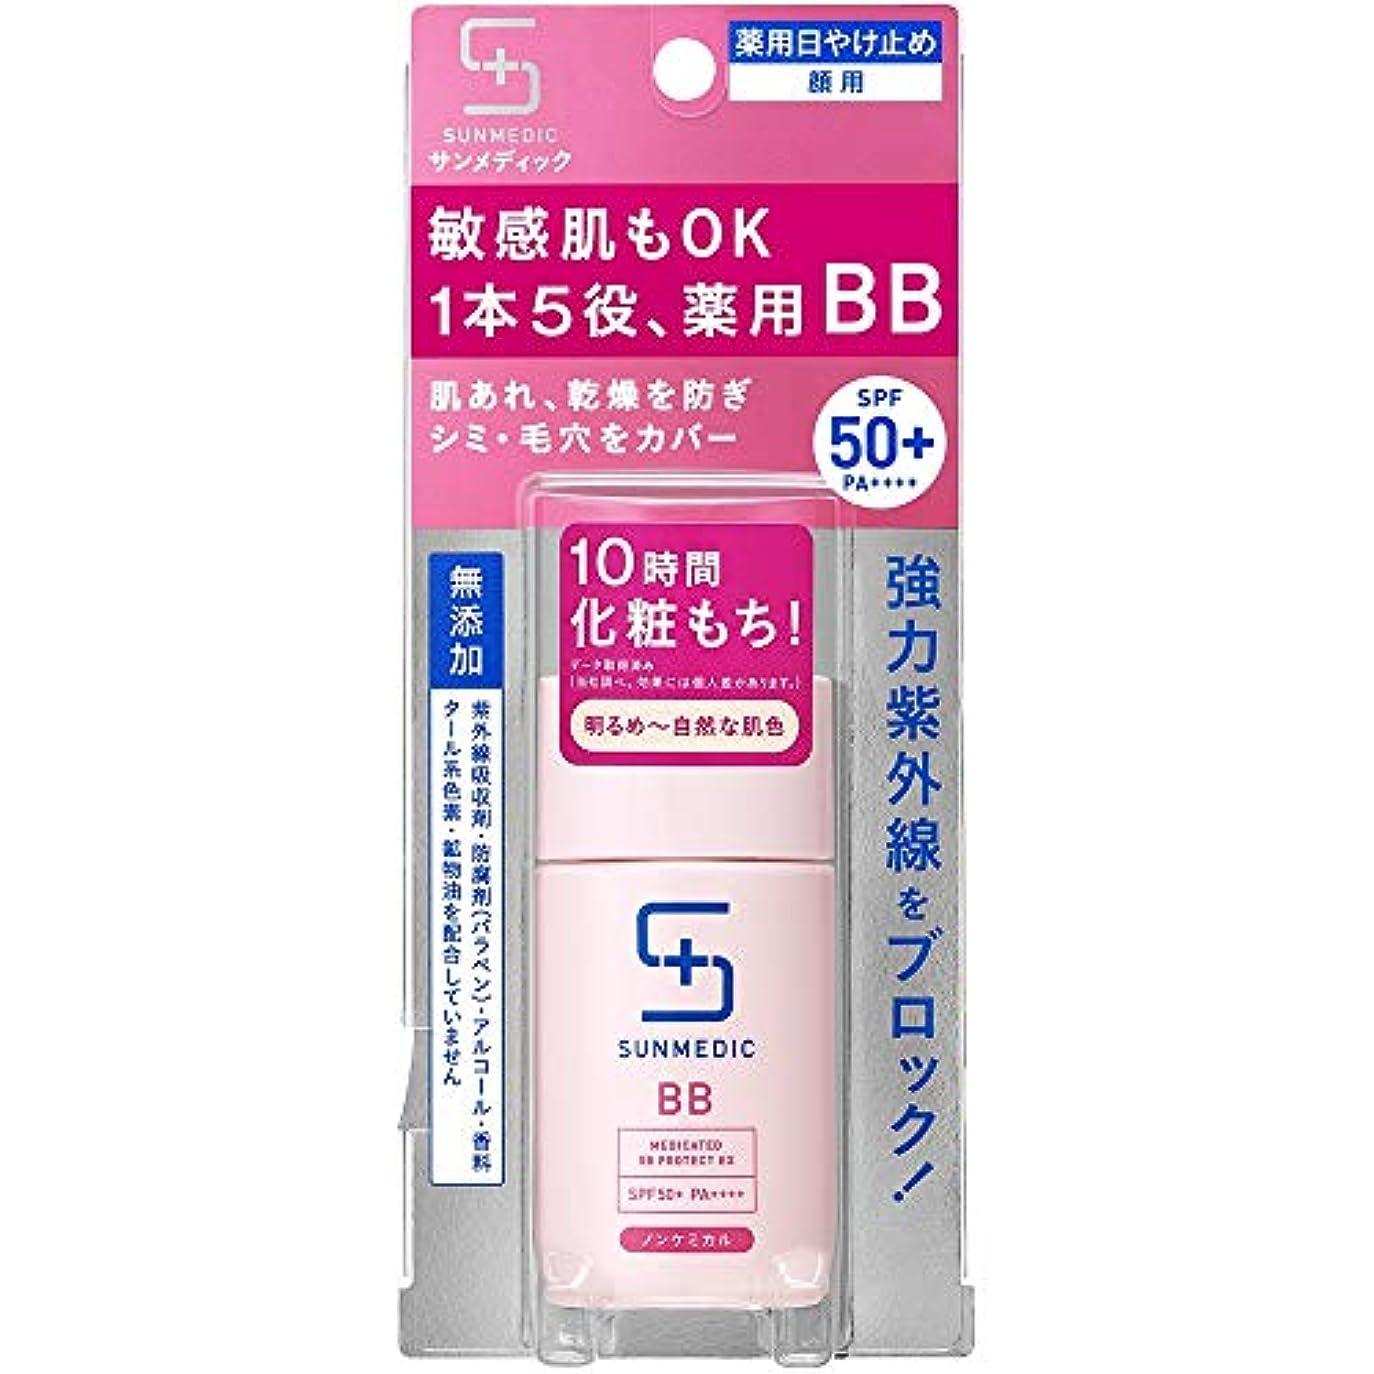 ごちそう領域タイプライターサンメディックUV 薬用BBプロテクトEX ライト 30ml (医薬部外品)